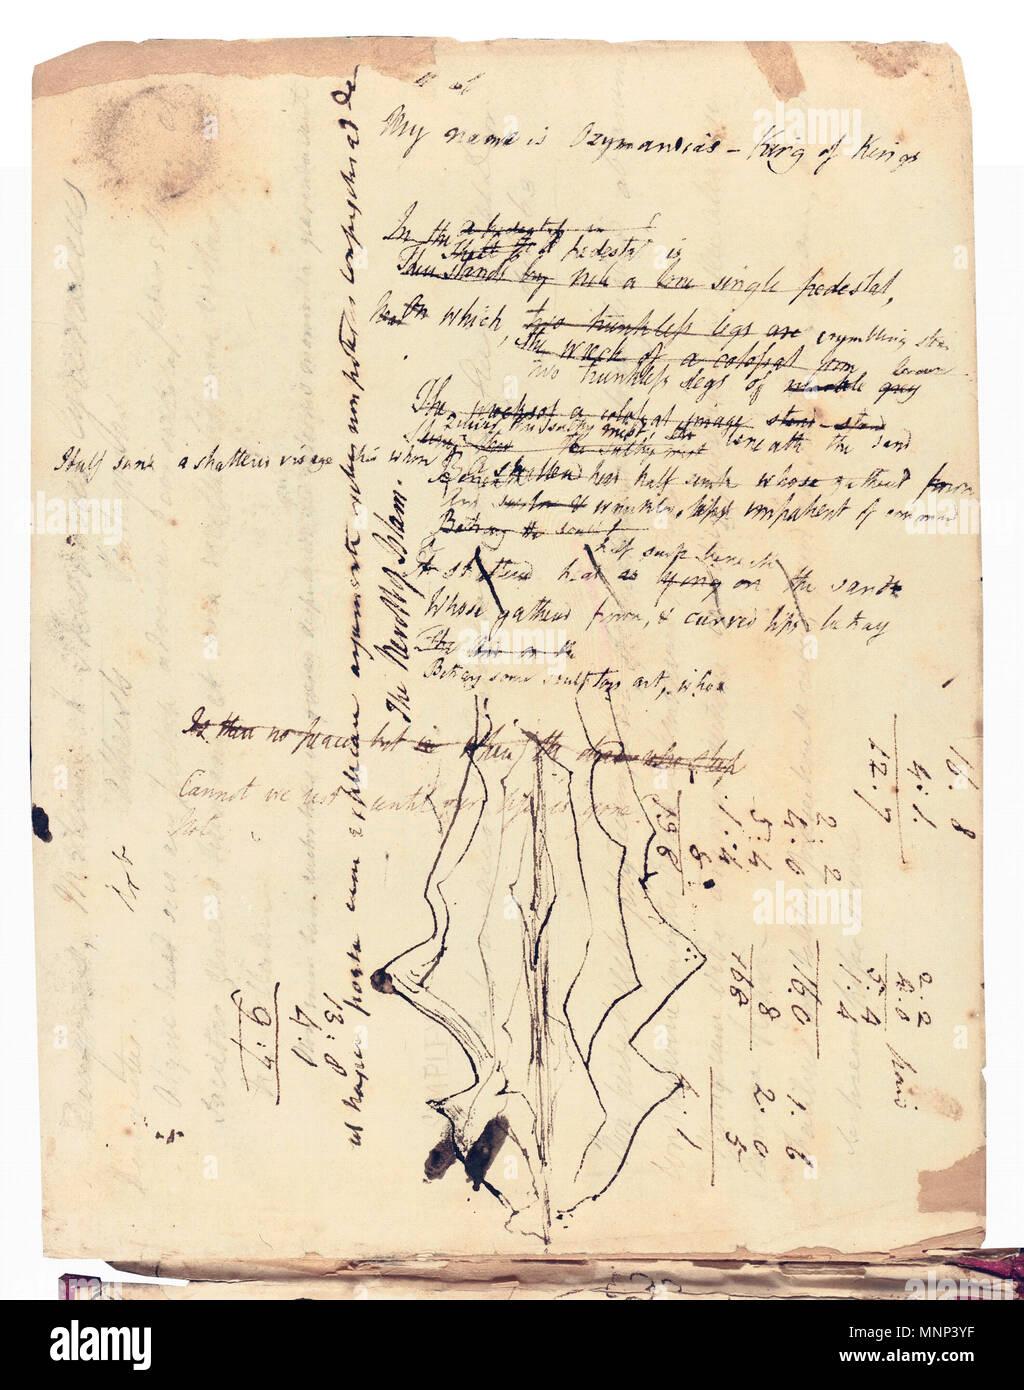 Englisch 1817 Entwurf Für Alles Bodleian Library Oxford 1817